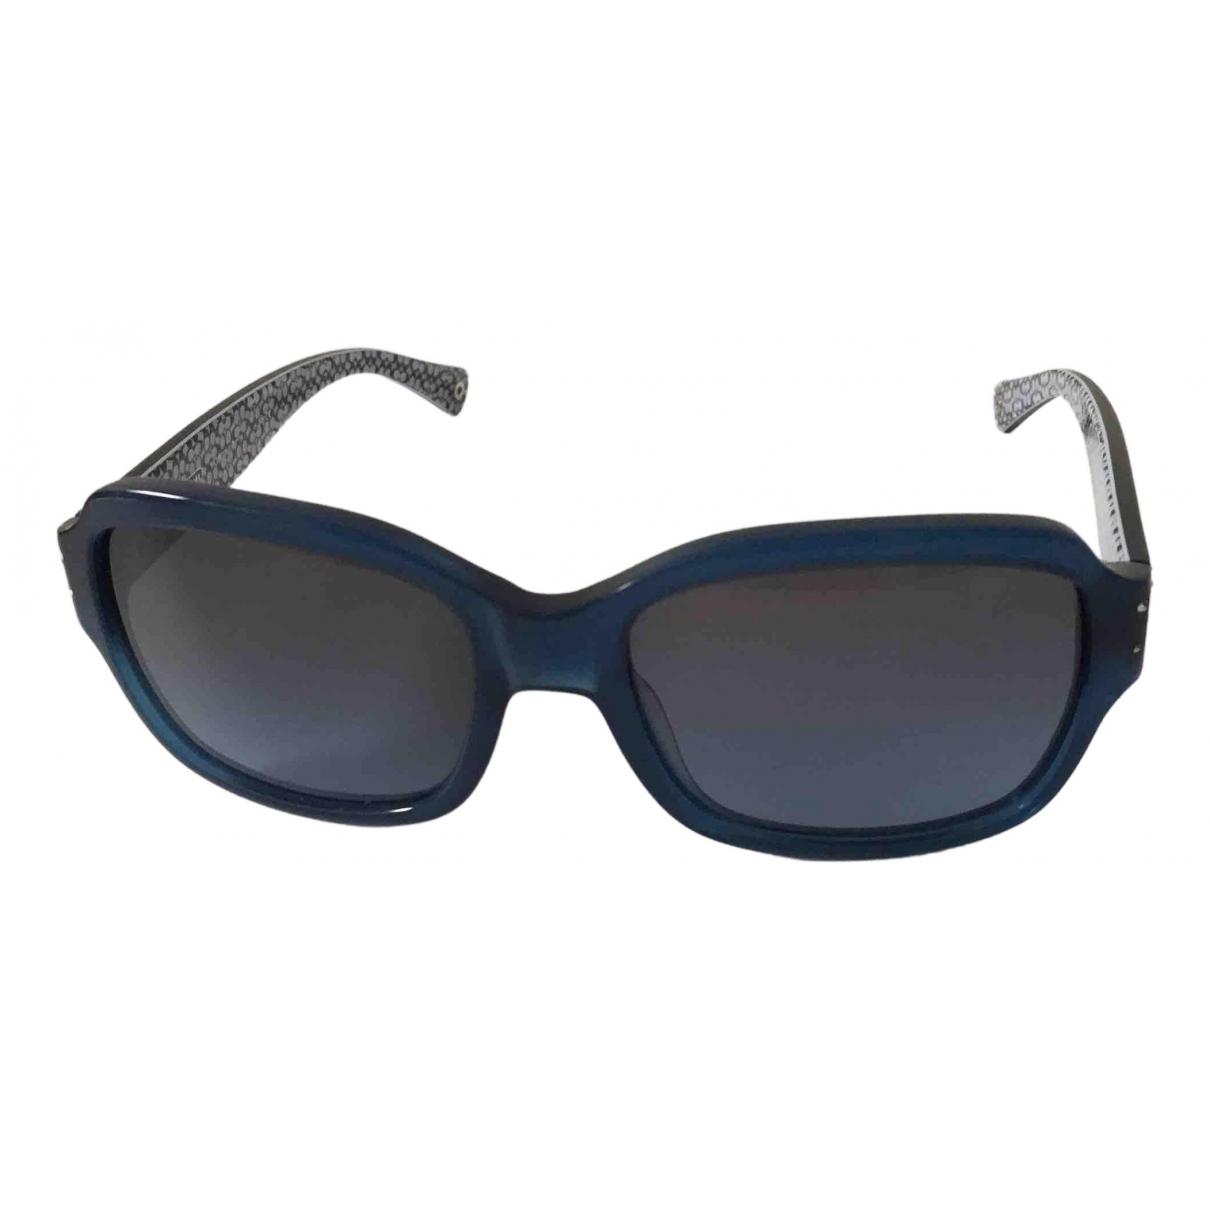 Coach - Lunettes   pour femme - bleu